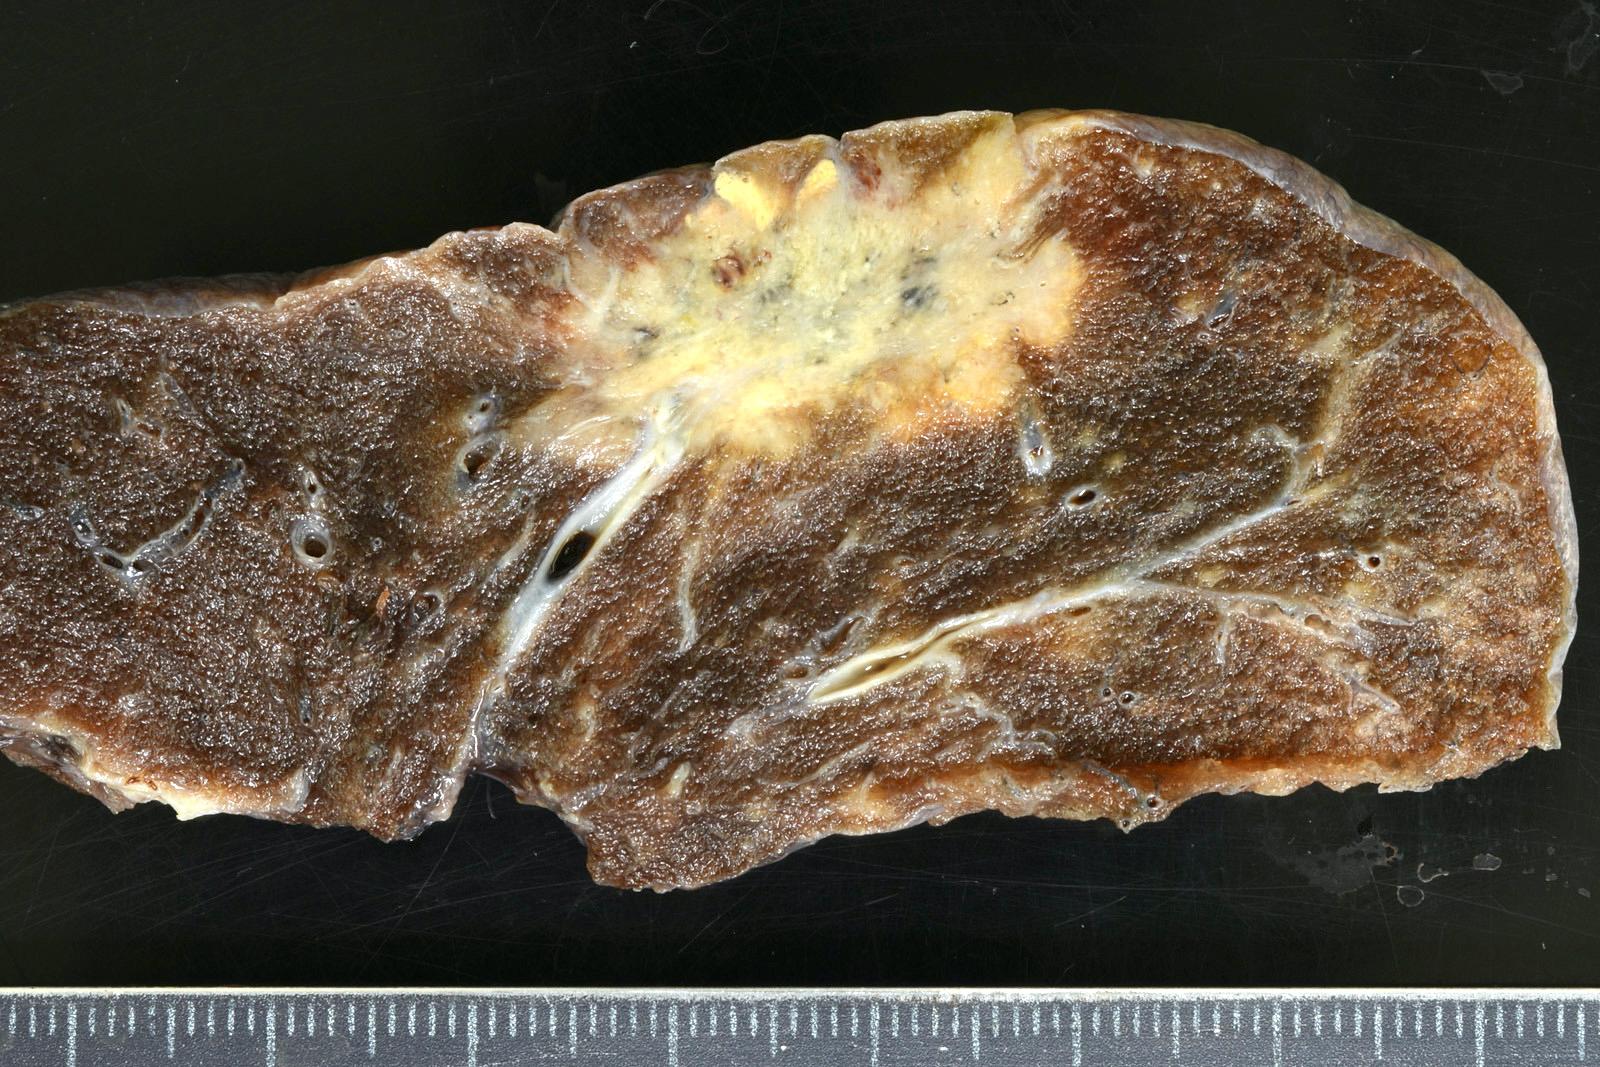 Invasive mucinous adenocarcinoma